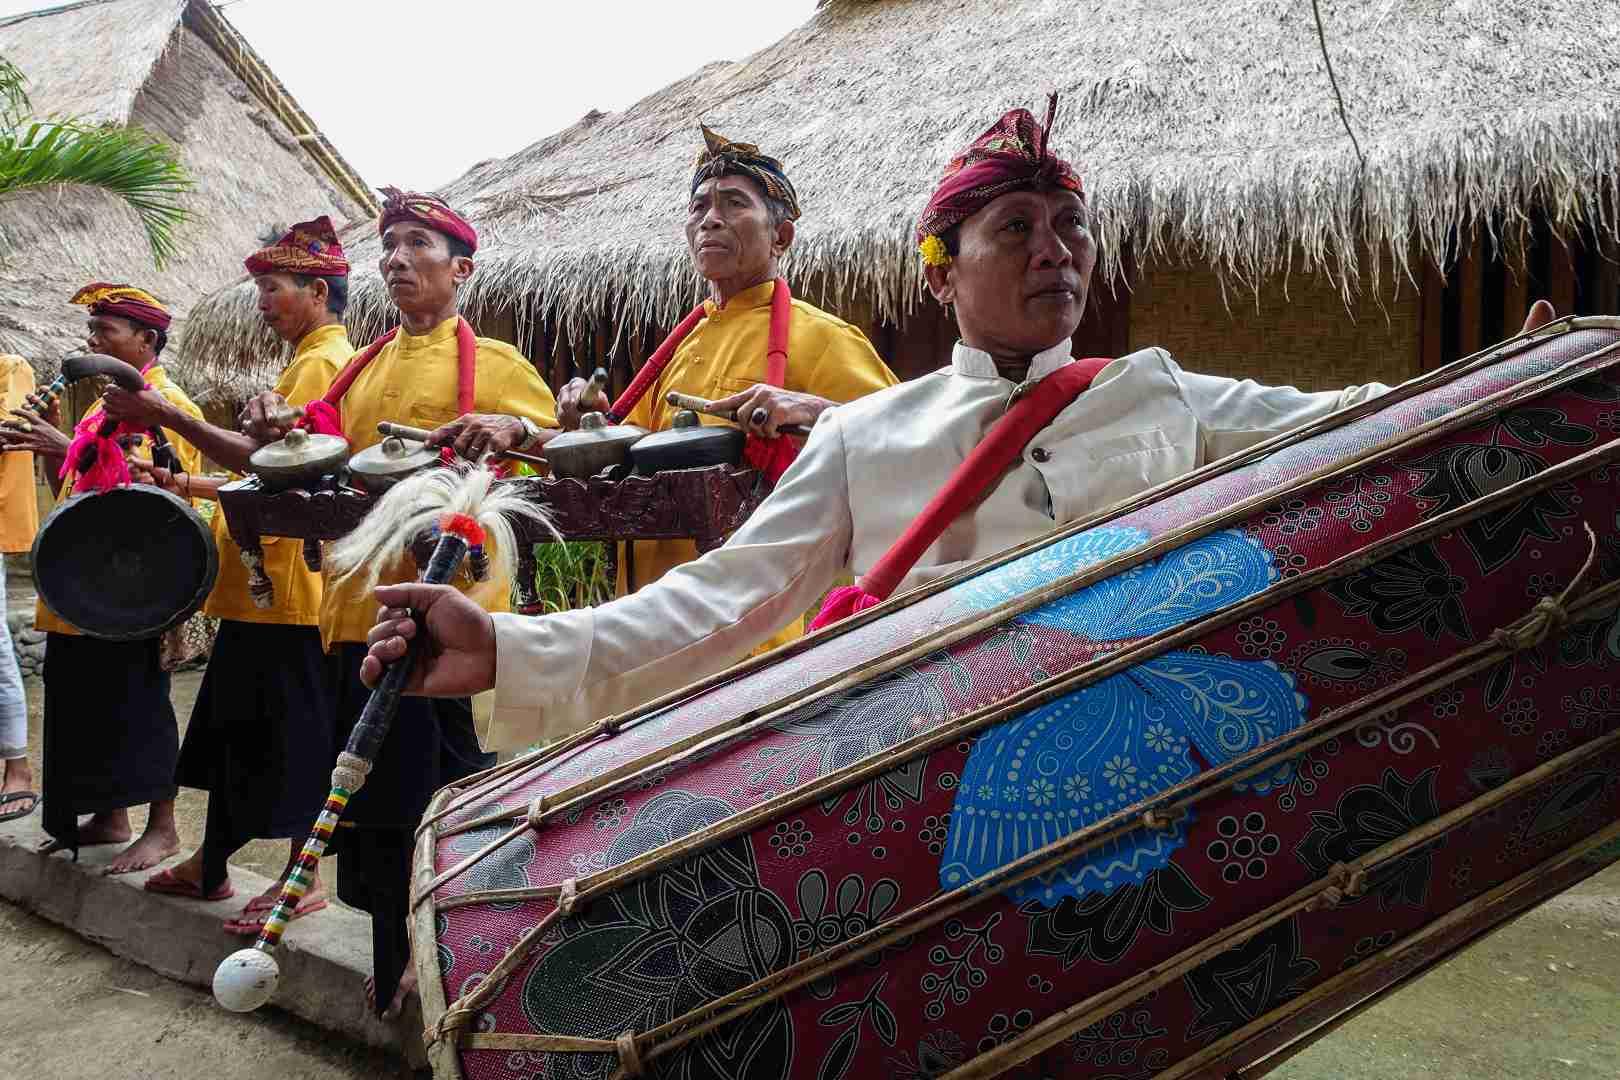 Gendang beleq (big drum) and ensemble at Sasak Sade Village, Lombok